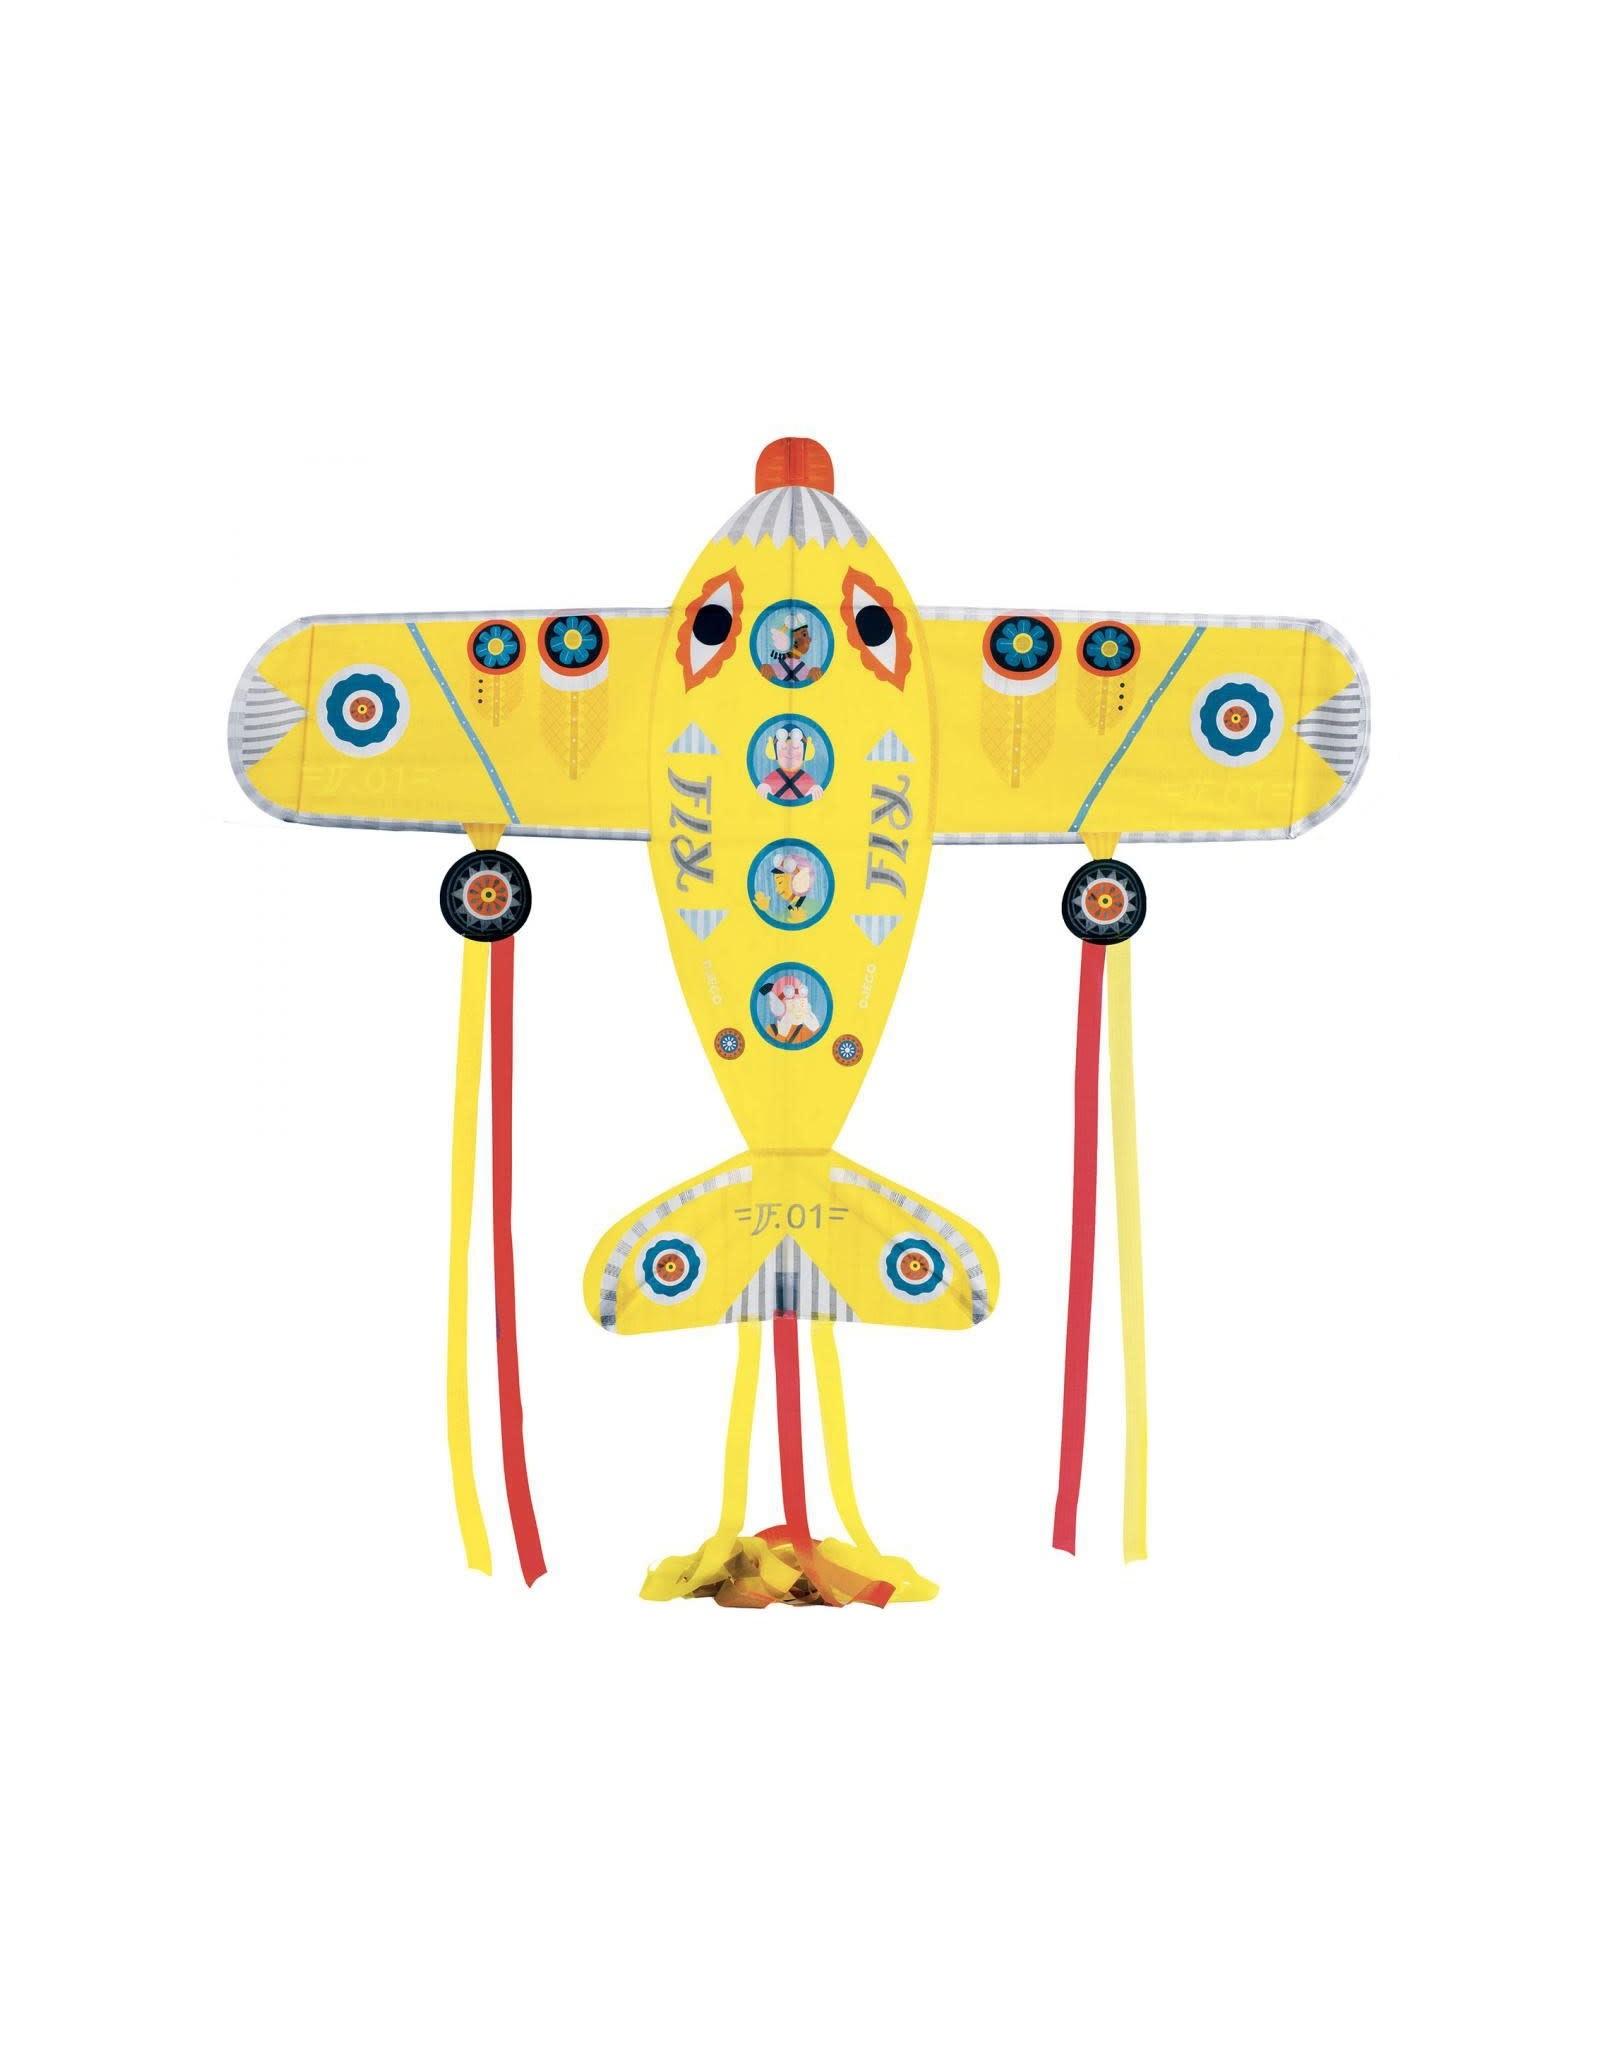 Djeco Maxi Plane Kite